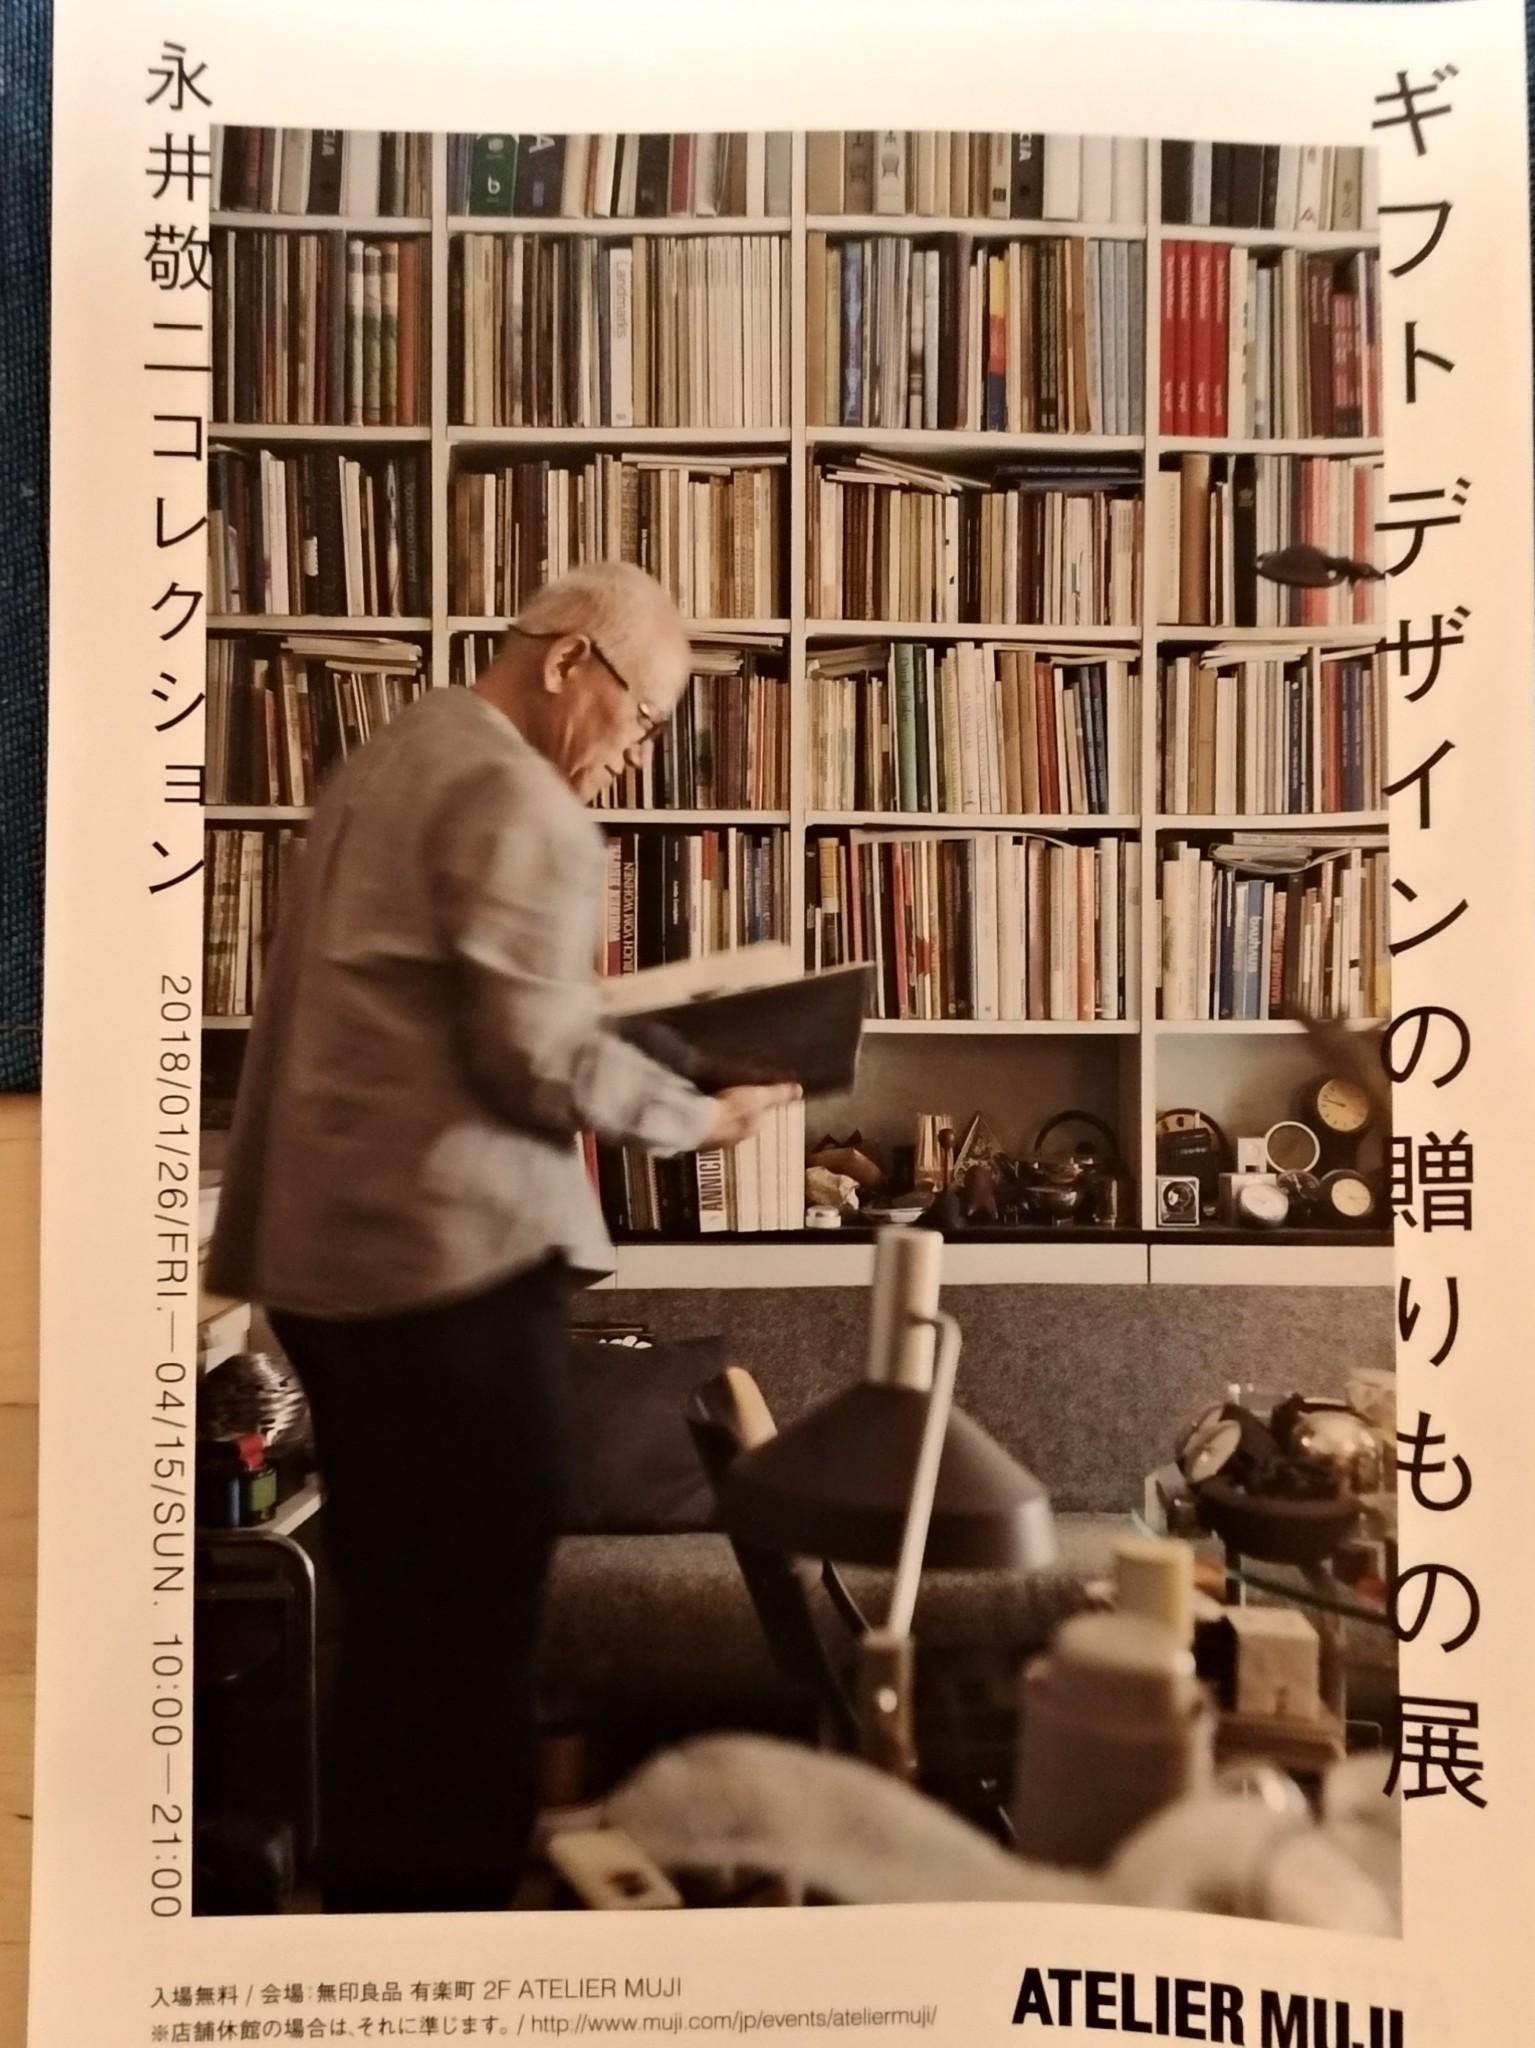 ギフト デザインの贈りもの展 -永井敬二コレクション-